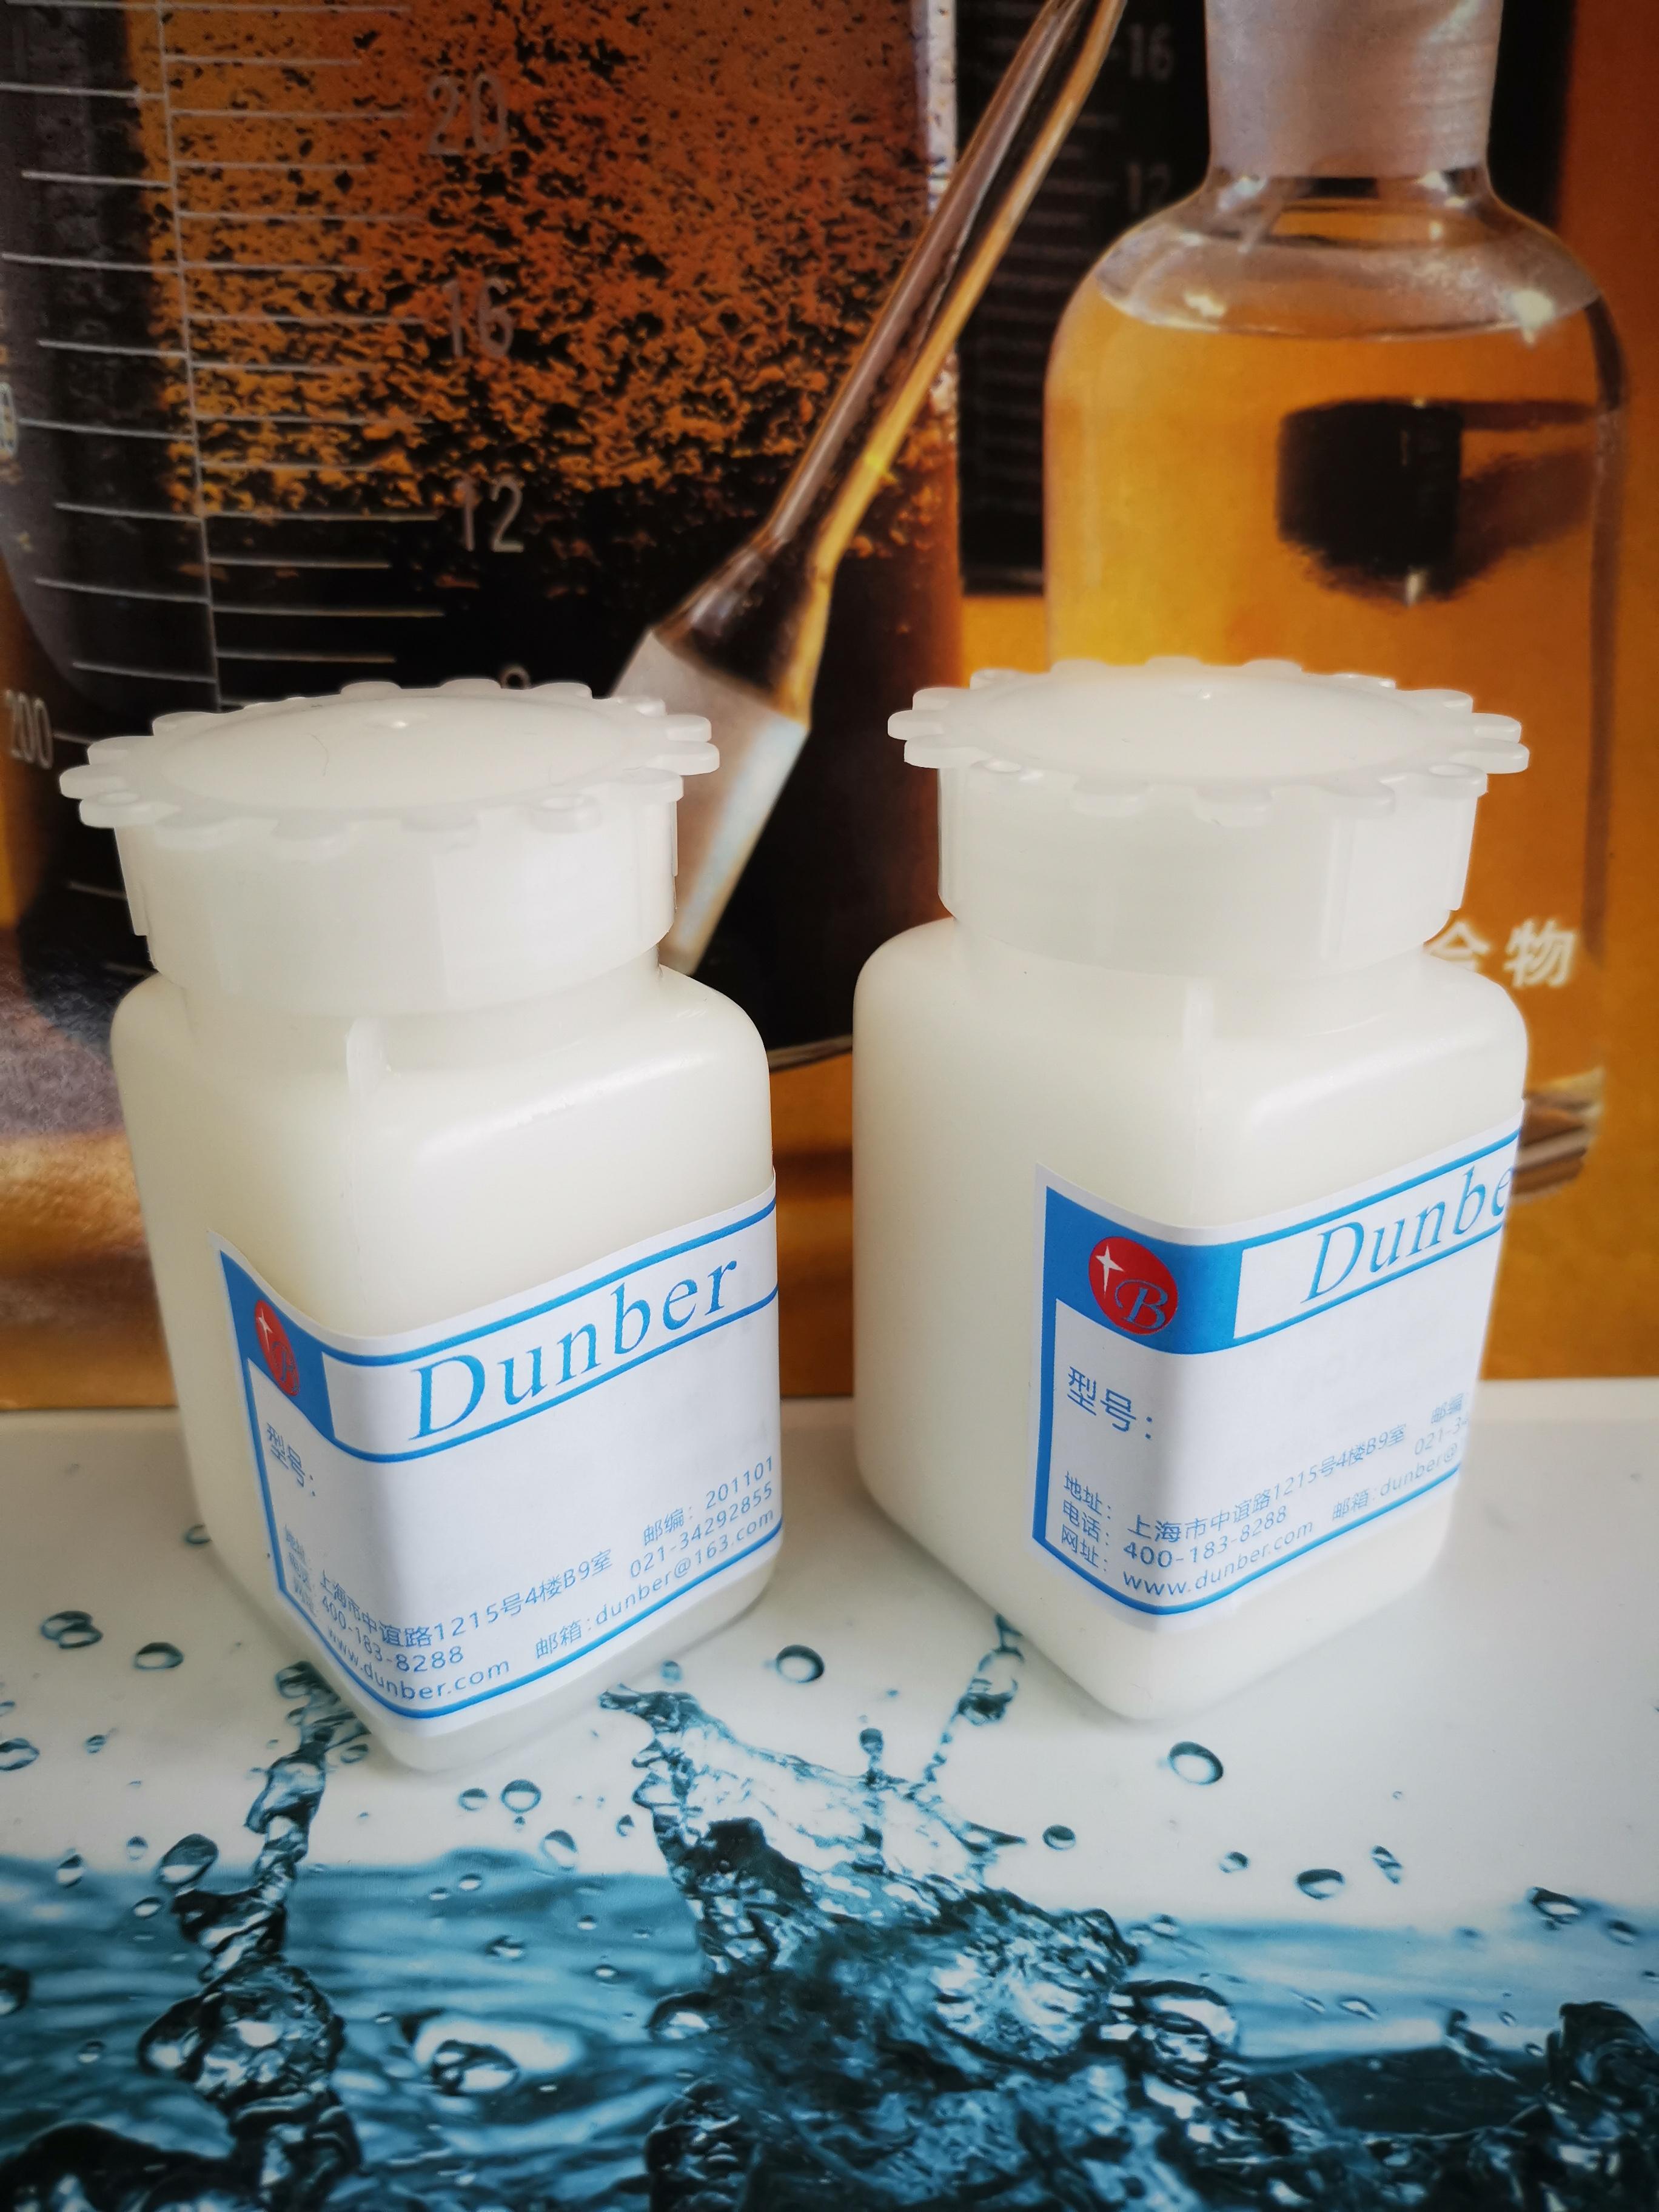 聚丙烯酰胺有哪些重要作用-聚丙烯酰胺PAM-东保化工絮凝剂